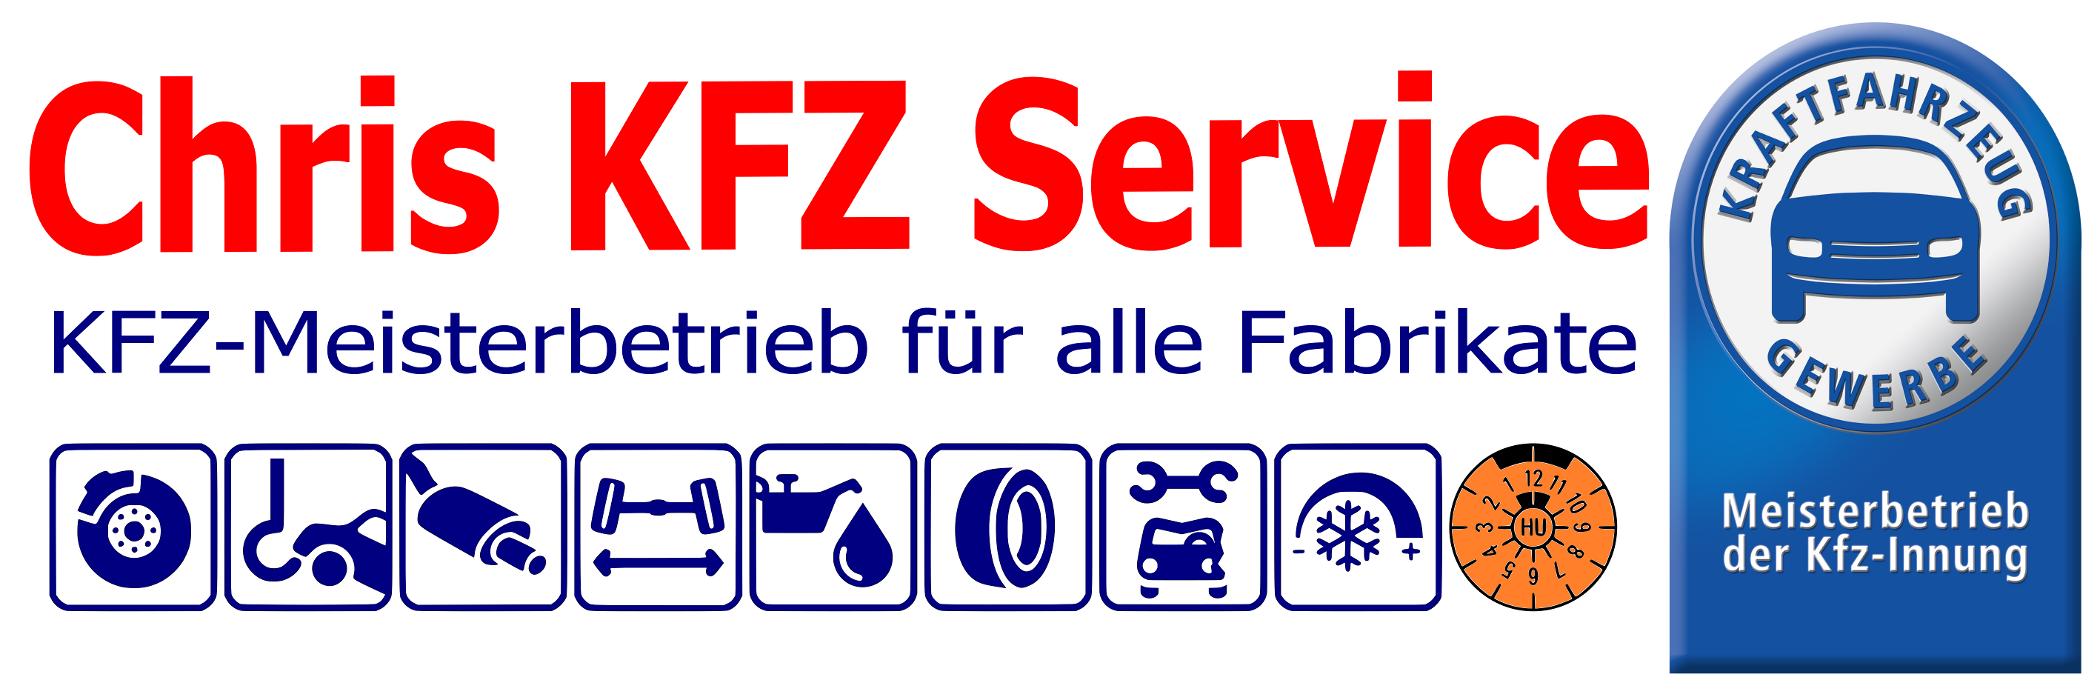 Bild zu Chris KFZ Service, KFZ - Meisterbetrieb in Fürth in Bayern